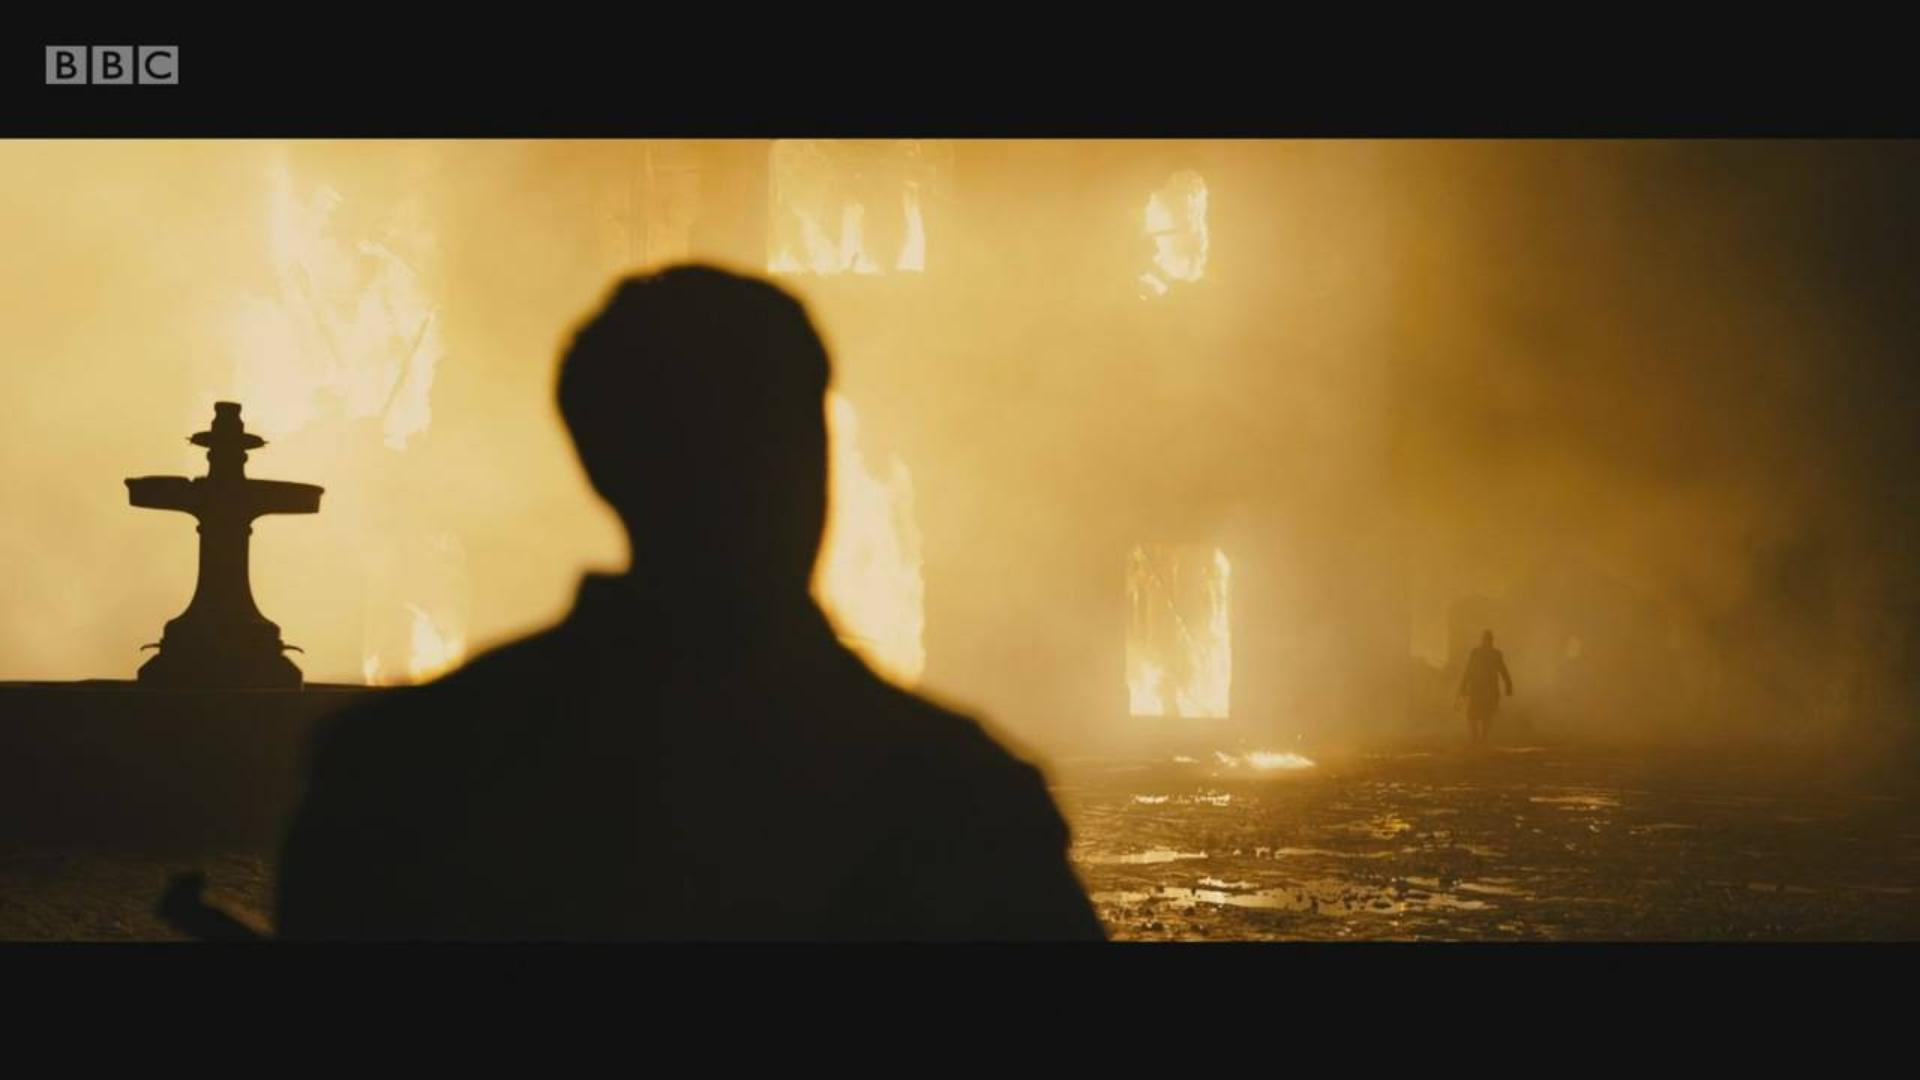 纪录片.BBC.银幕生涯.S01E01.萨姆·门德斯.2020[片头][高清][英字]